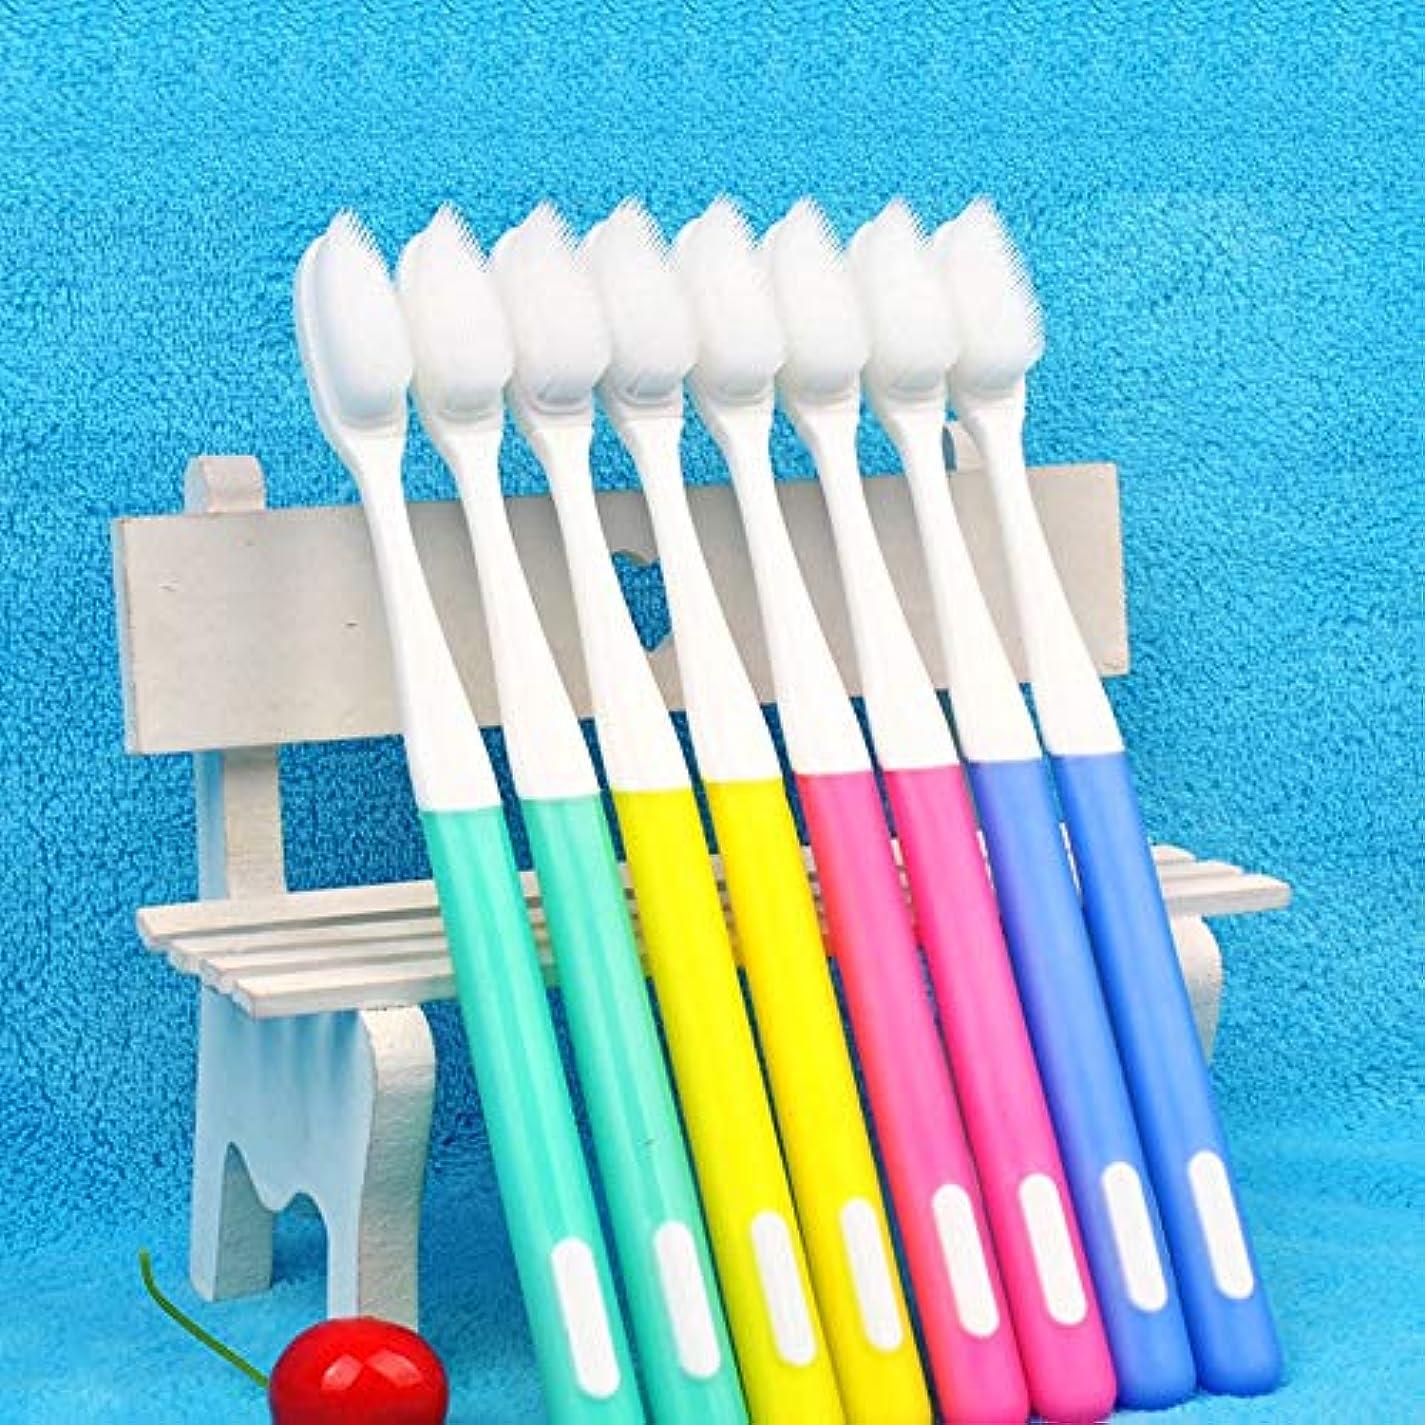 溶接追い払うパドル歯ブラシ 歯ブラシを使用するには、全体の家族のために10パックナノ歯ブラシ、環境に優しいシリコーン歯ブラシ、 KHL (色 : A, サイズ : 10 packs)